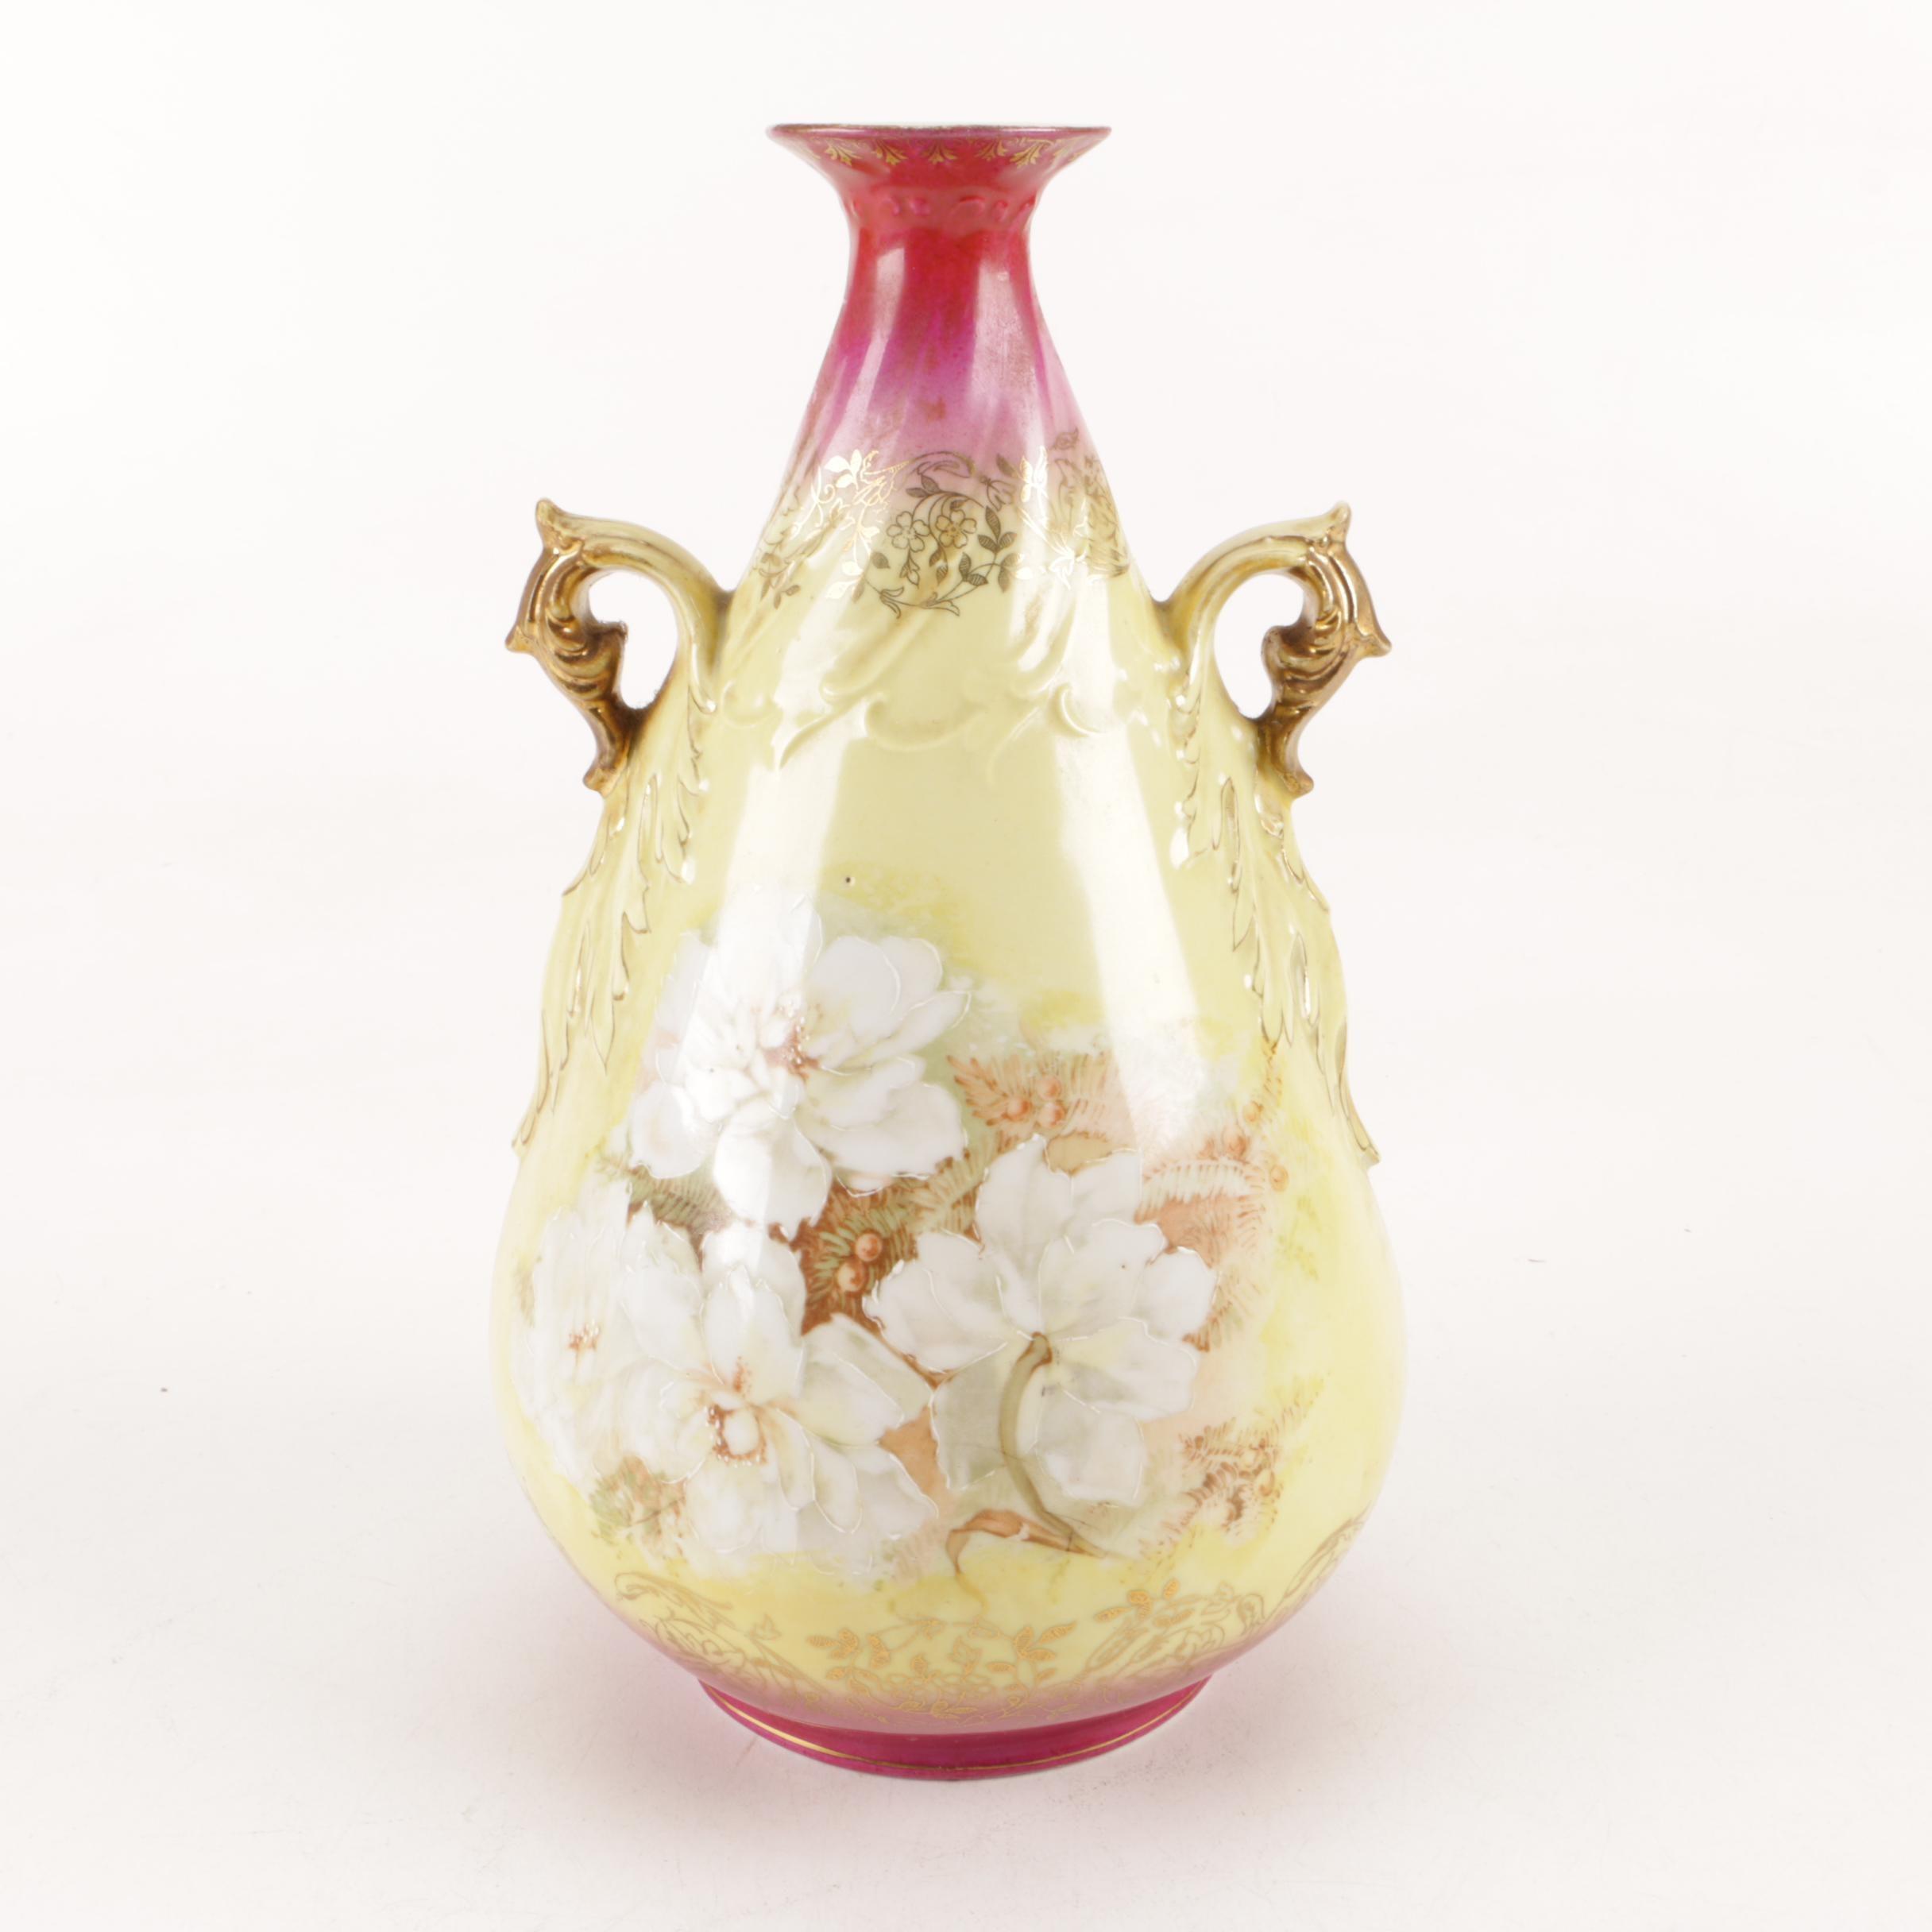 Antique Royal Saxe Porcelain Vase